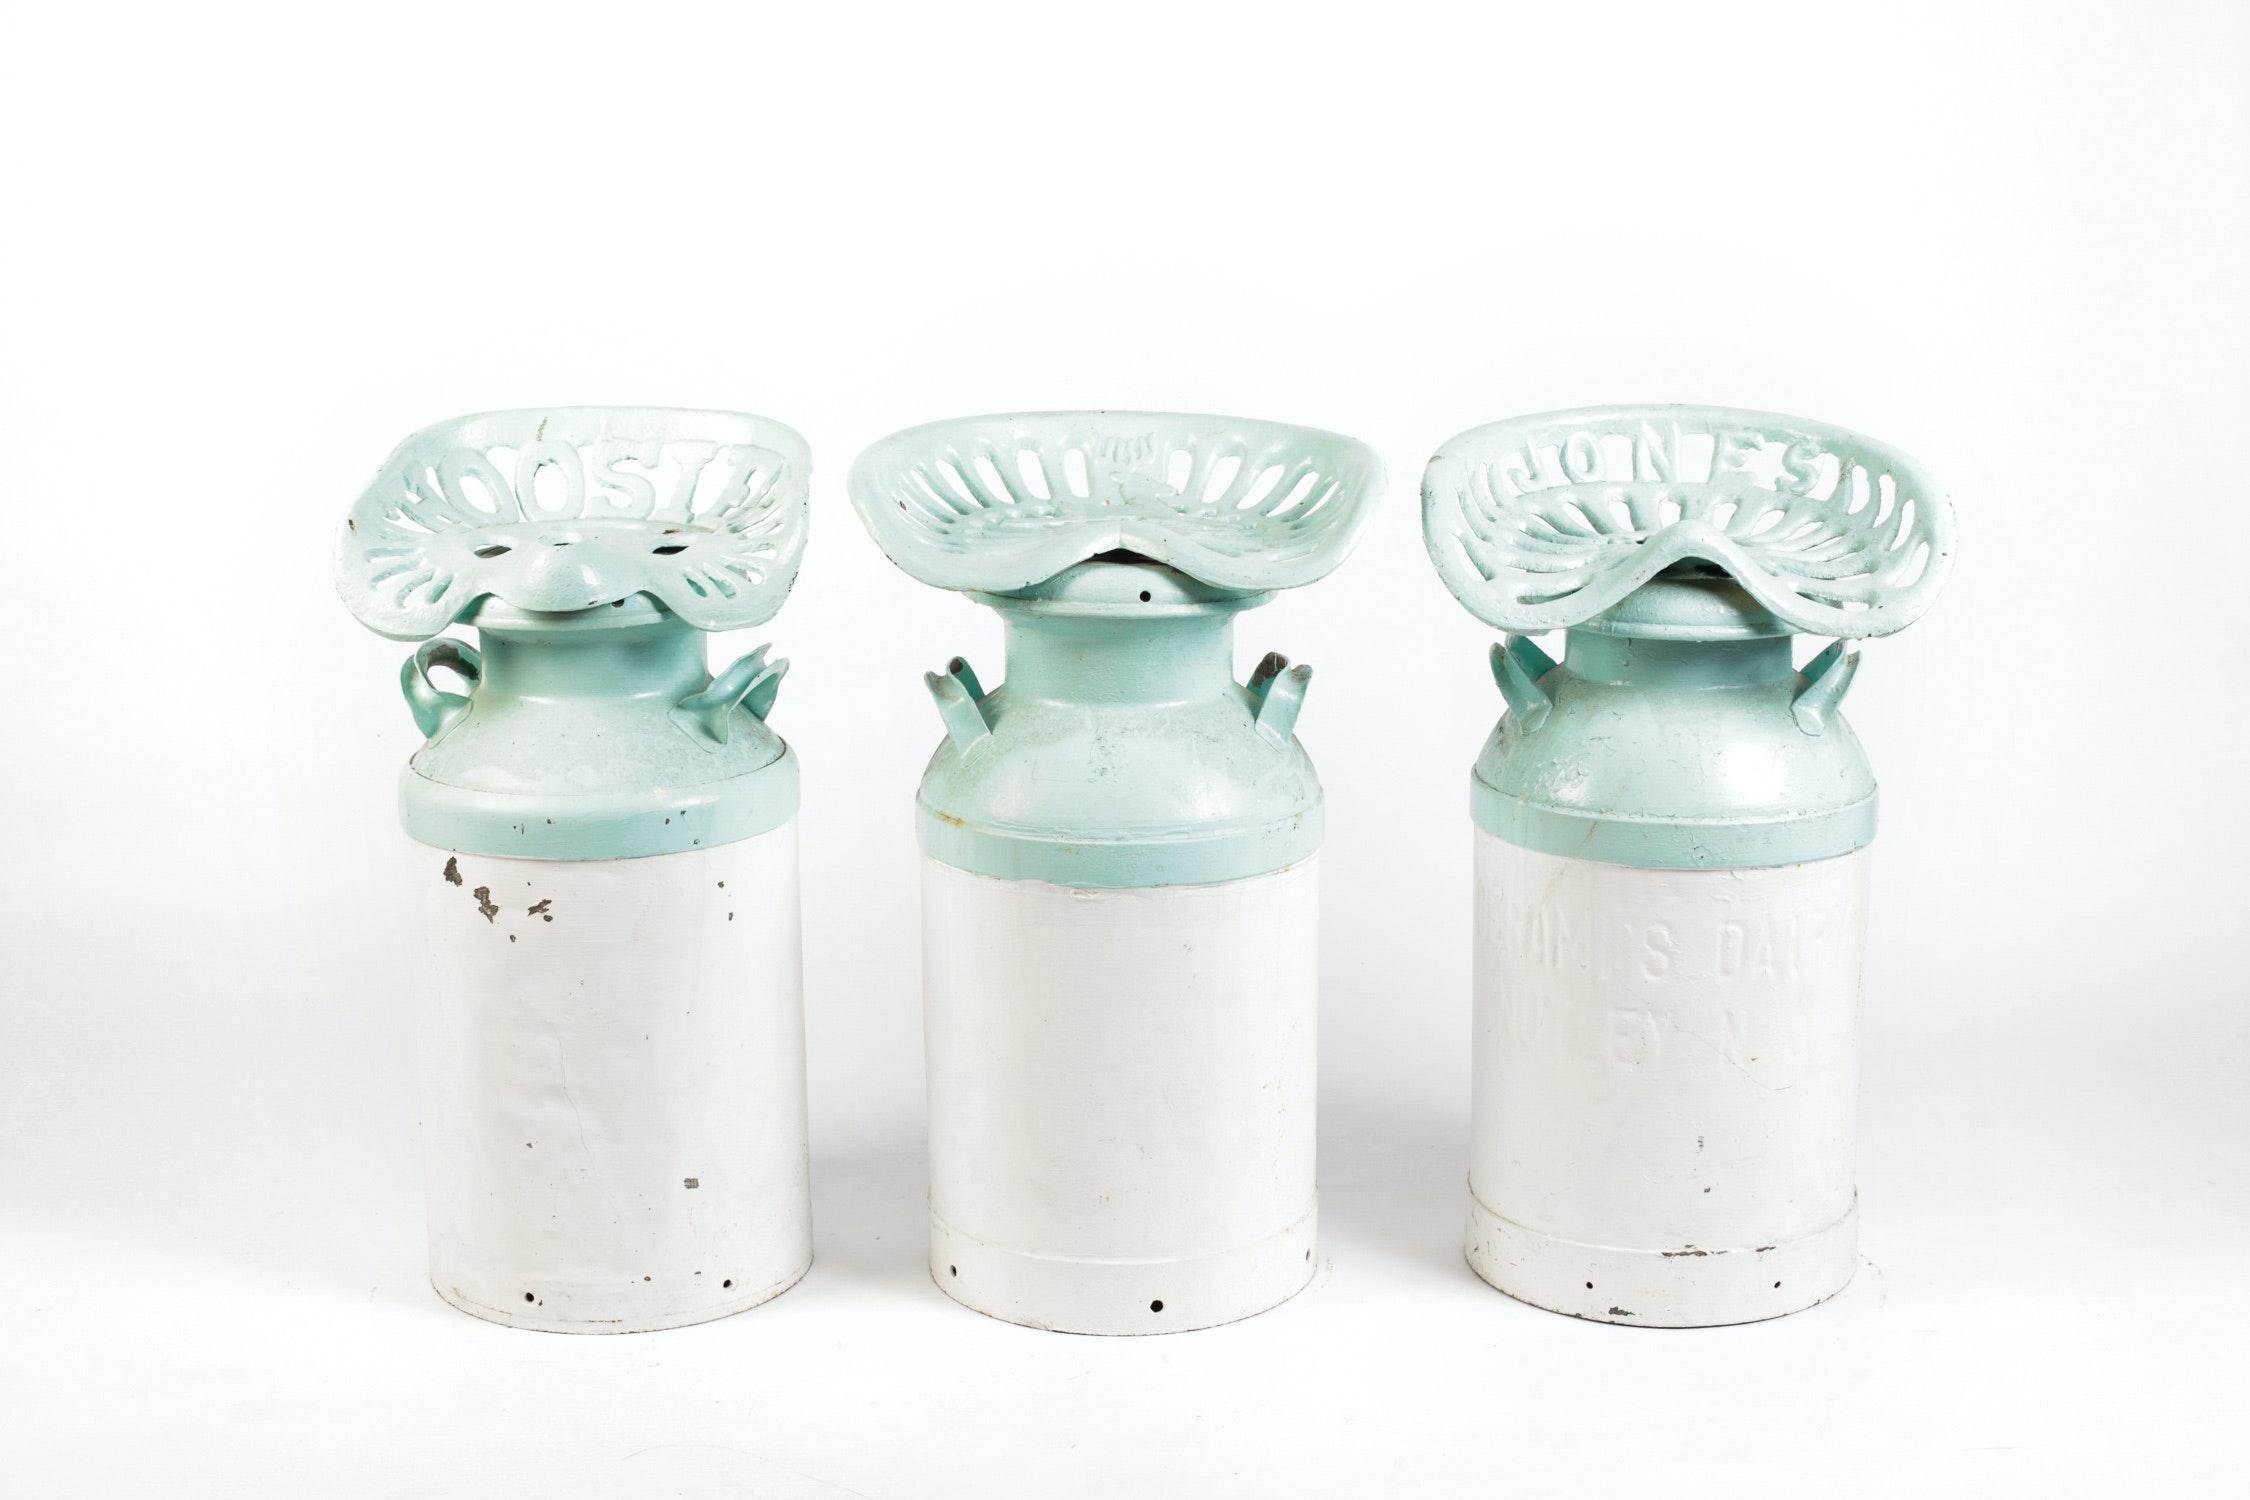 Set Of Three Milk Jug Saddle Seat Stools Ebth